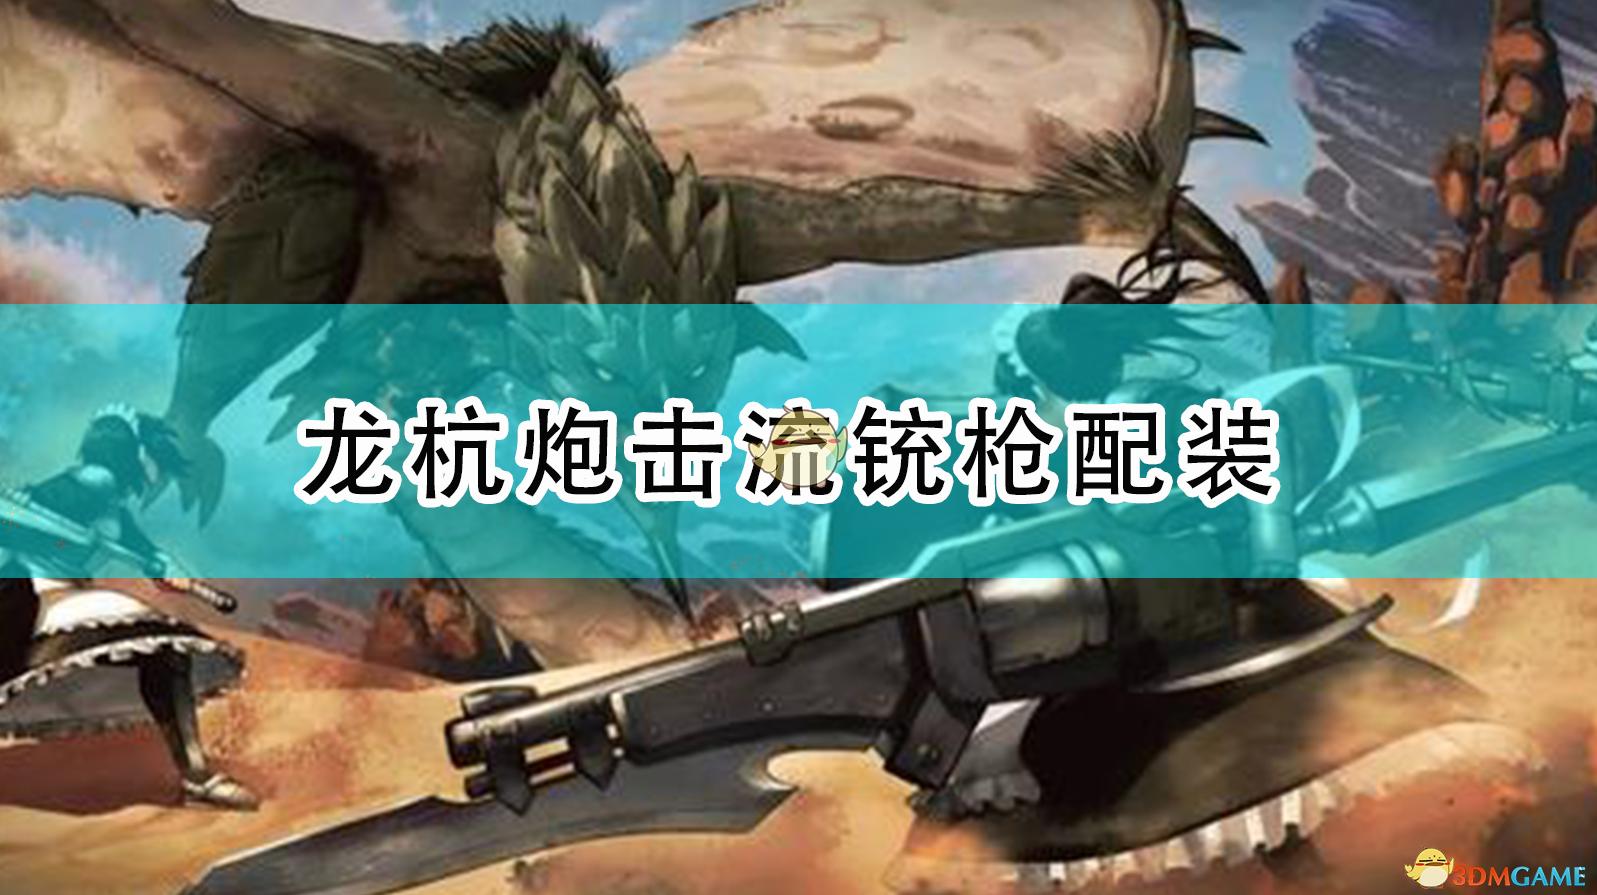 《怪物猎人:崛起》龙杭炮击流铳枪配装